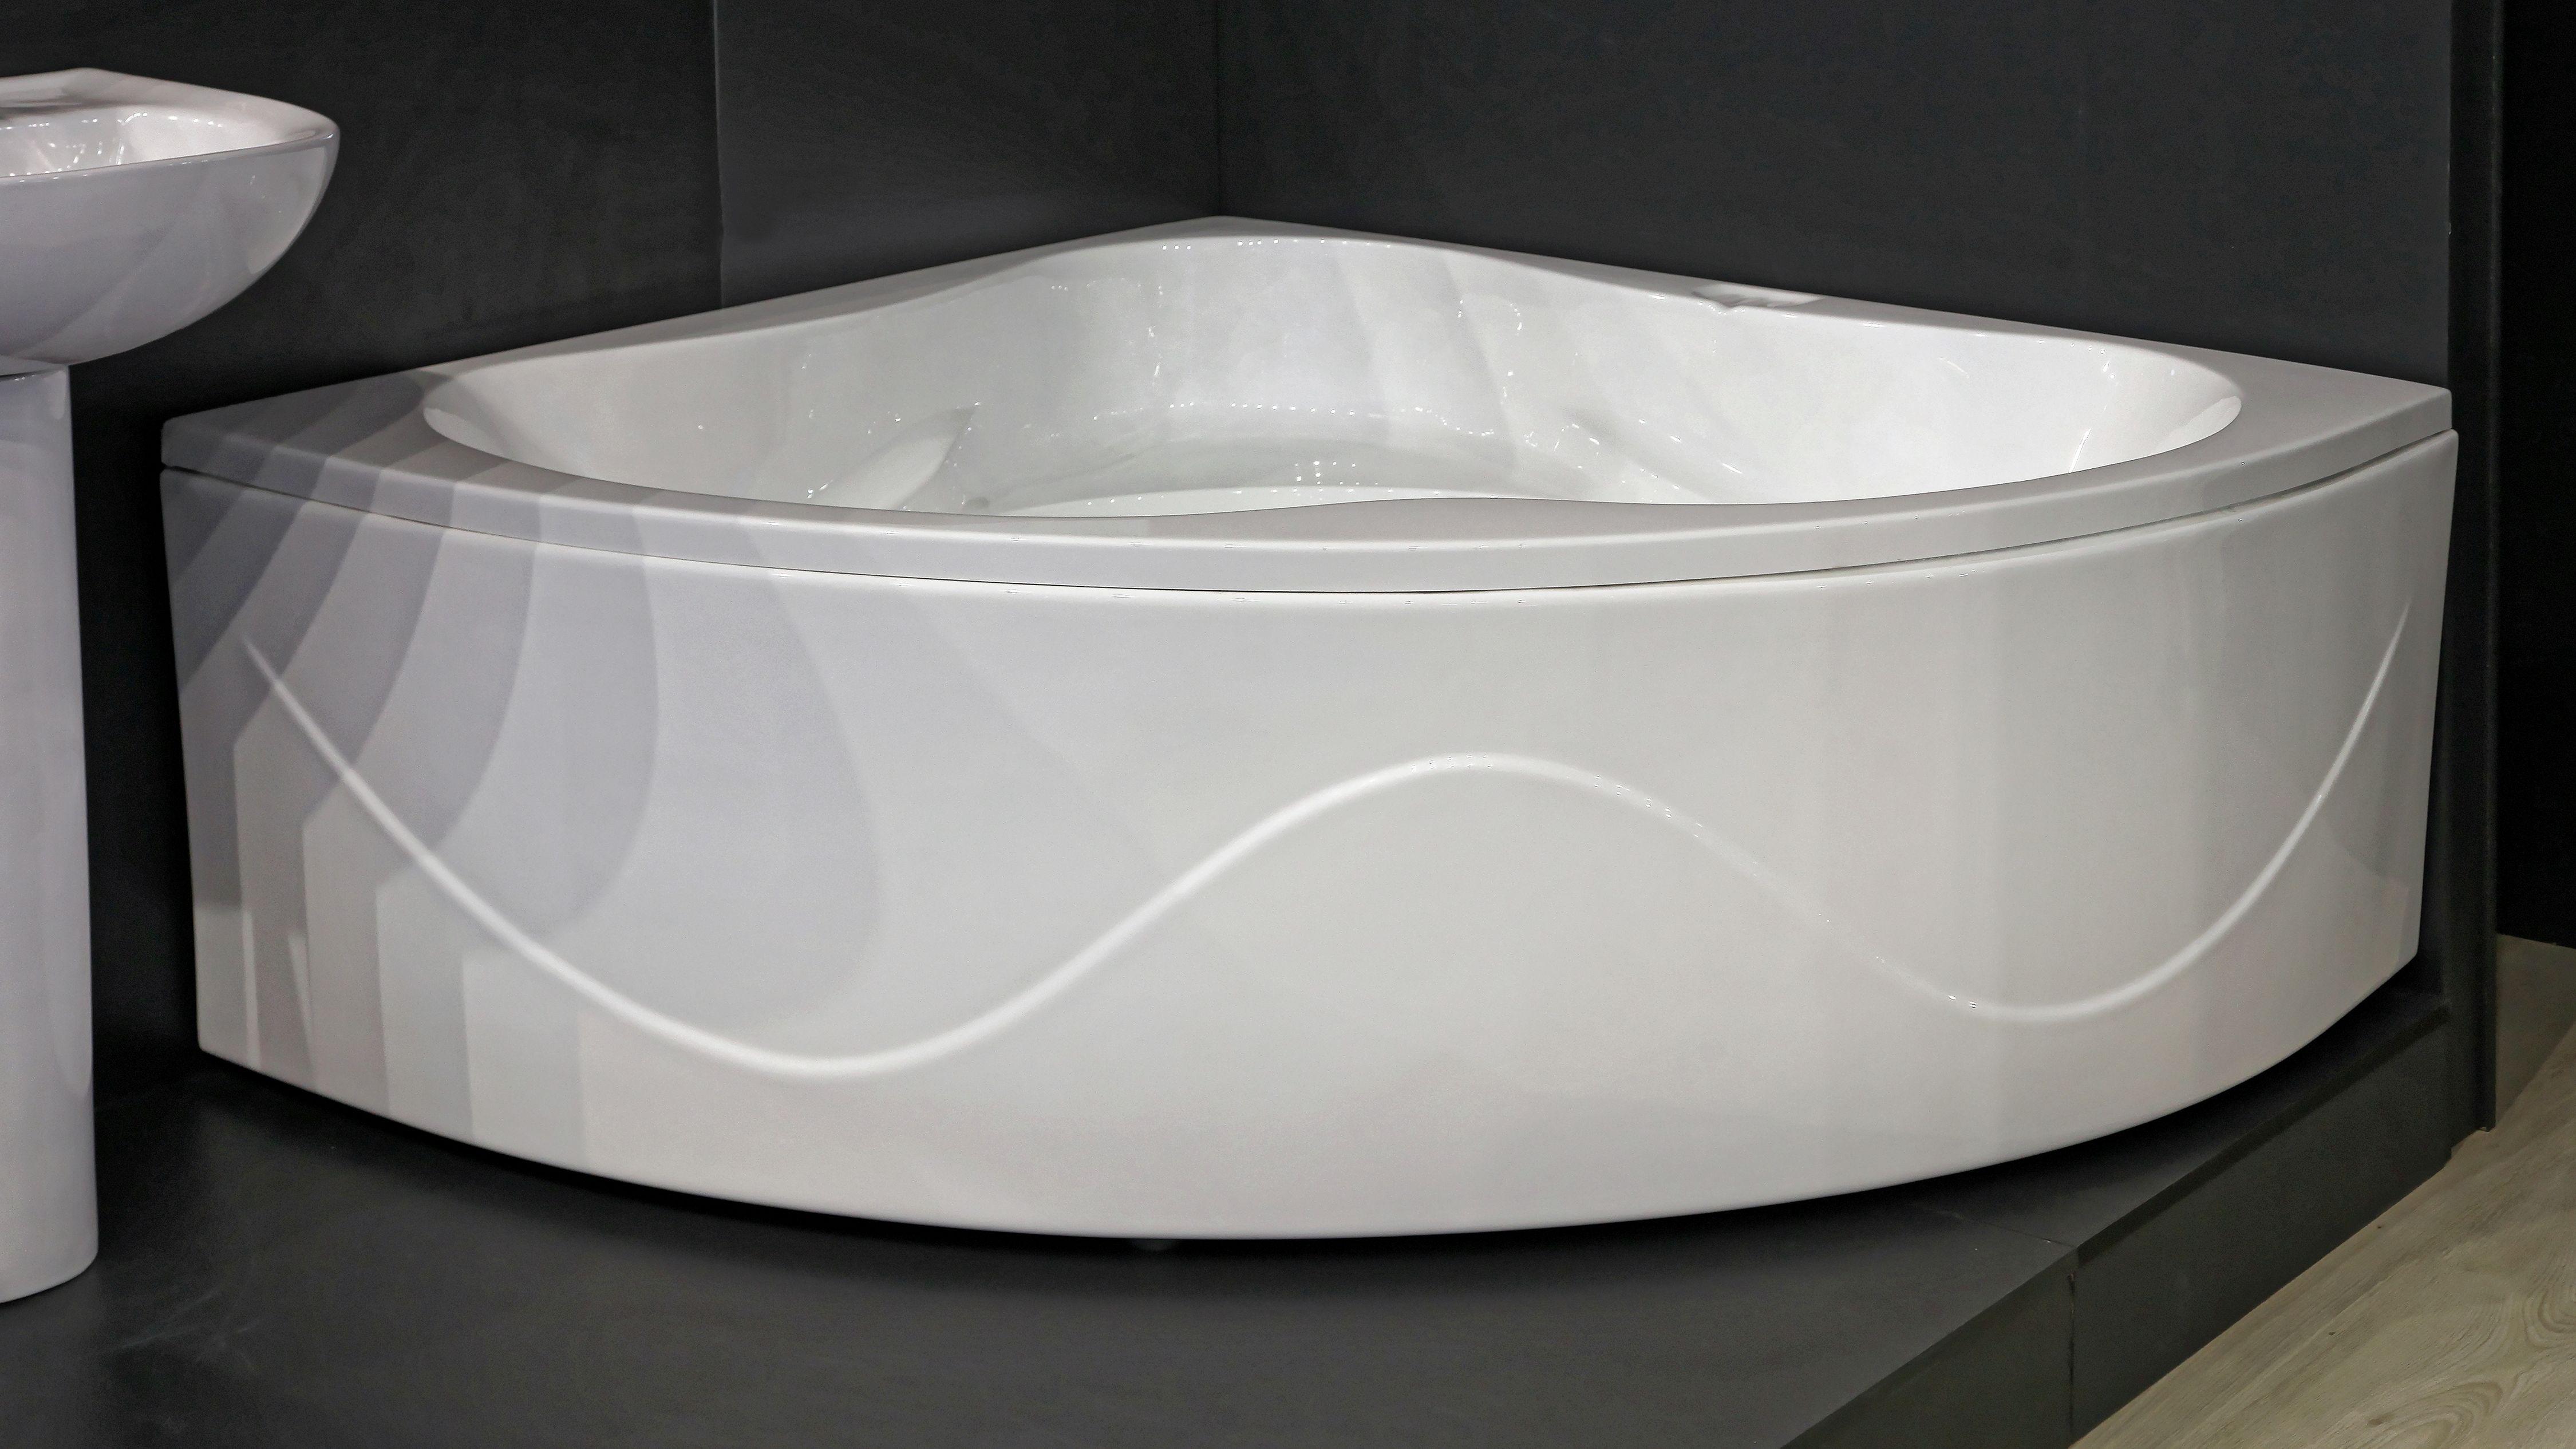 Comment choisir  son tablier de baignoire